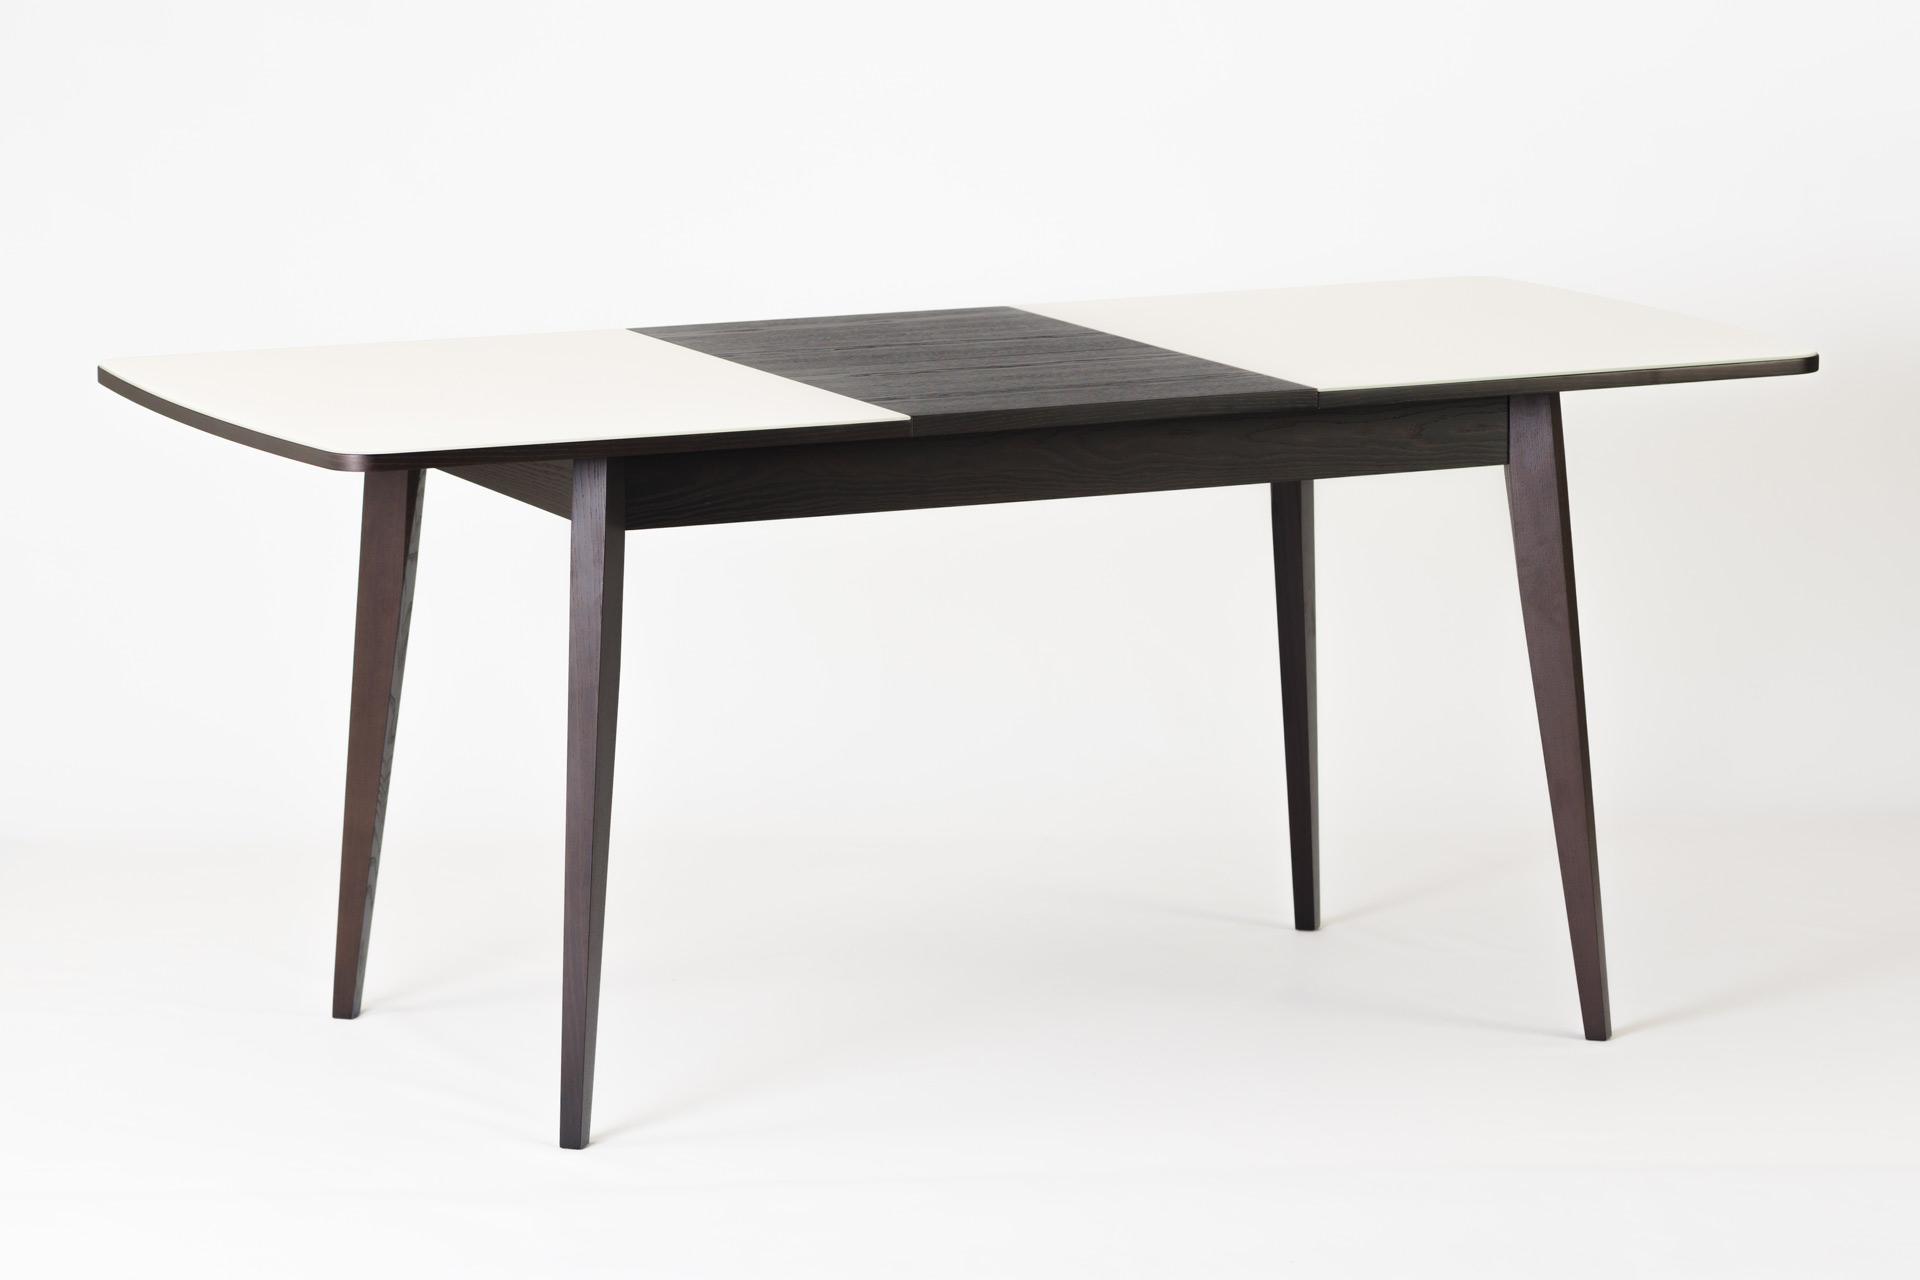 """Кухонный стол """"Турин"""" - прямоугольный, белая стеклянная столешница, черная вставка столешницы, черные ножки и царга"""